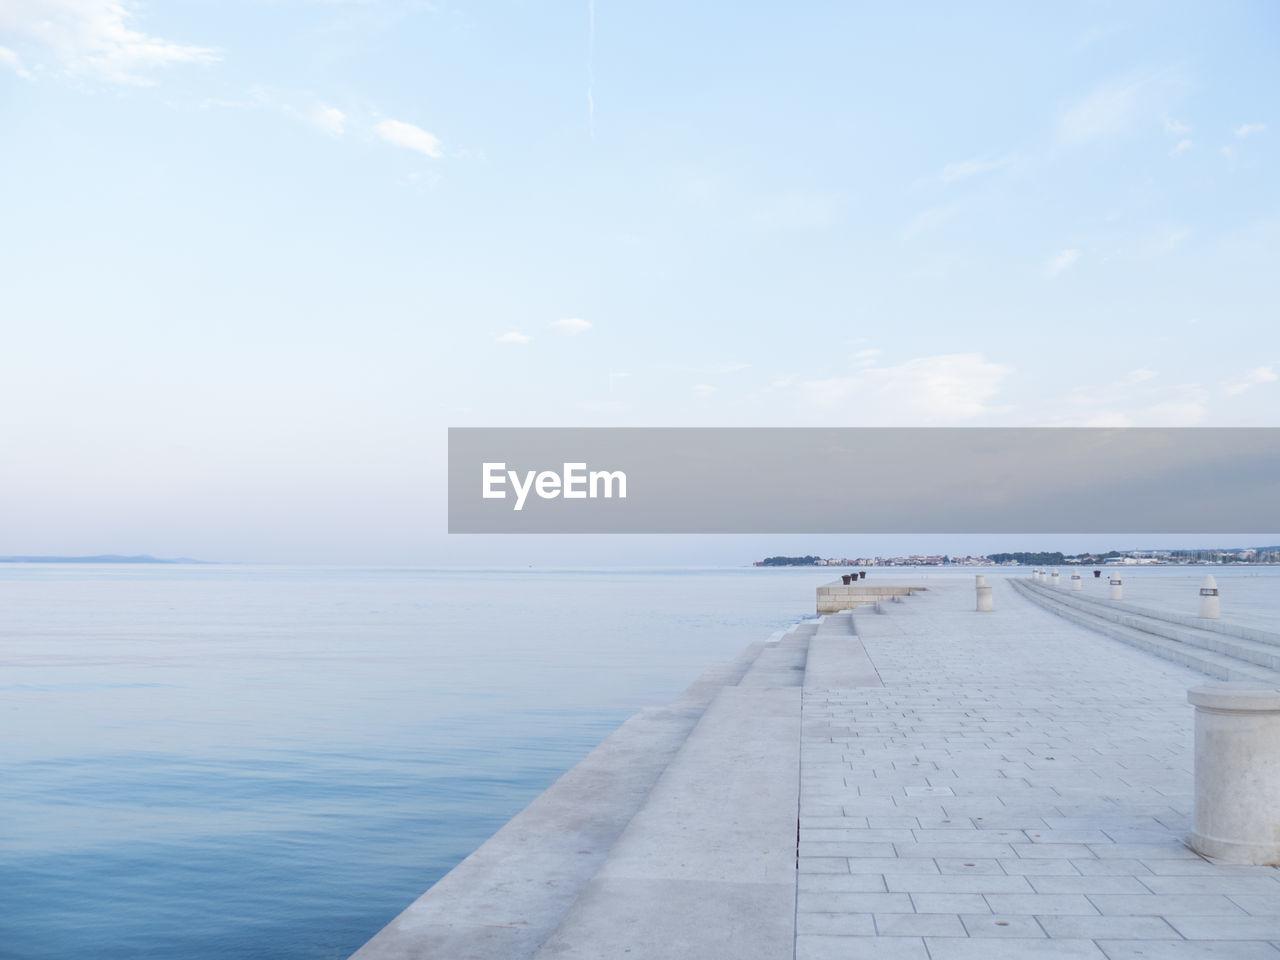 EMPTY JETTY ALONG CALM SEA